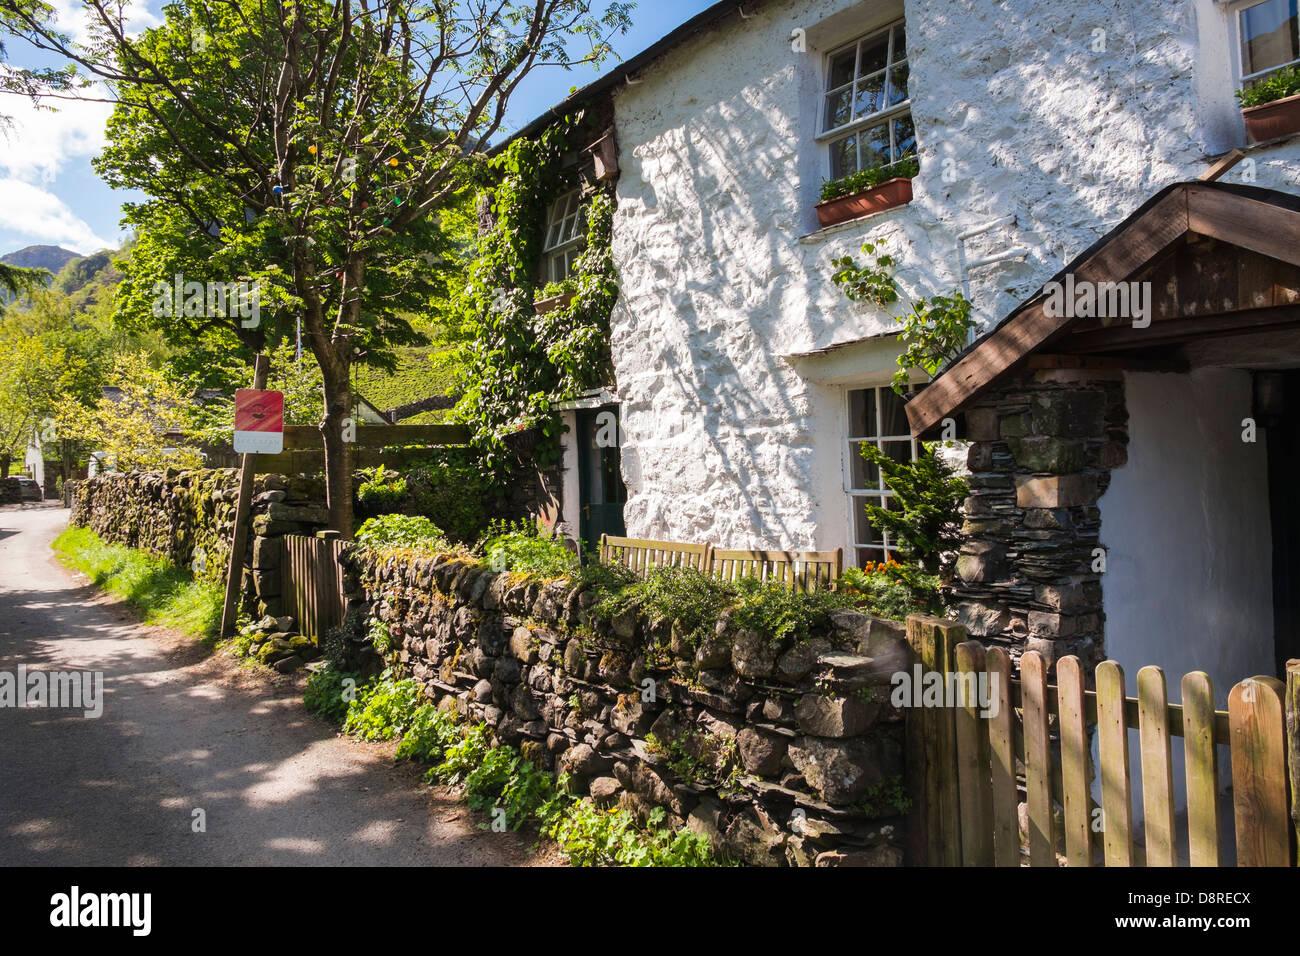 Knotts View Guest House, das Englisch Seen Luxus traditionelle Eis am Stonethwaite im Lake District verkauft Stockbild